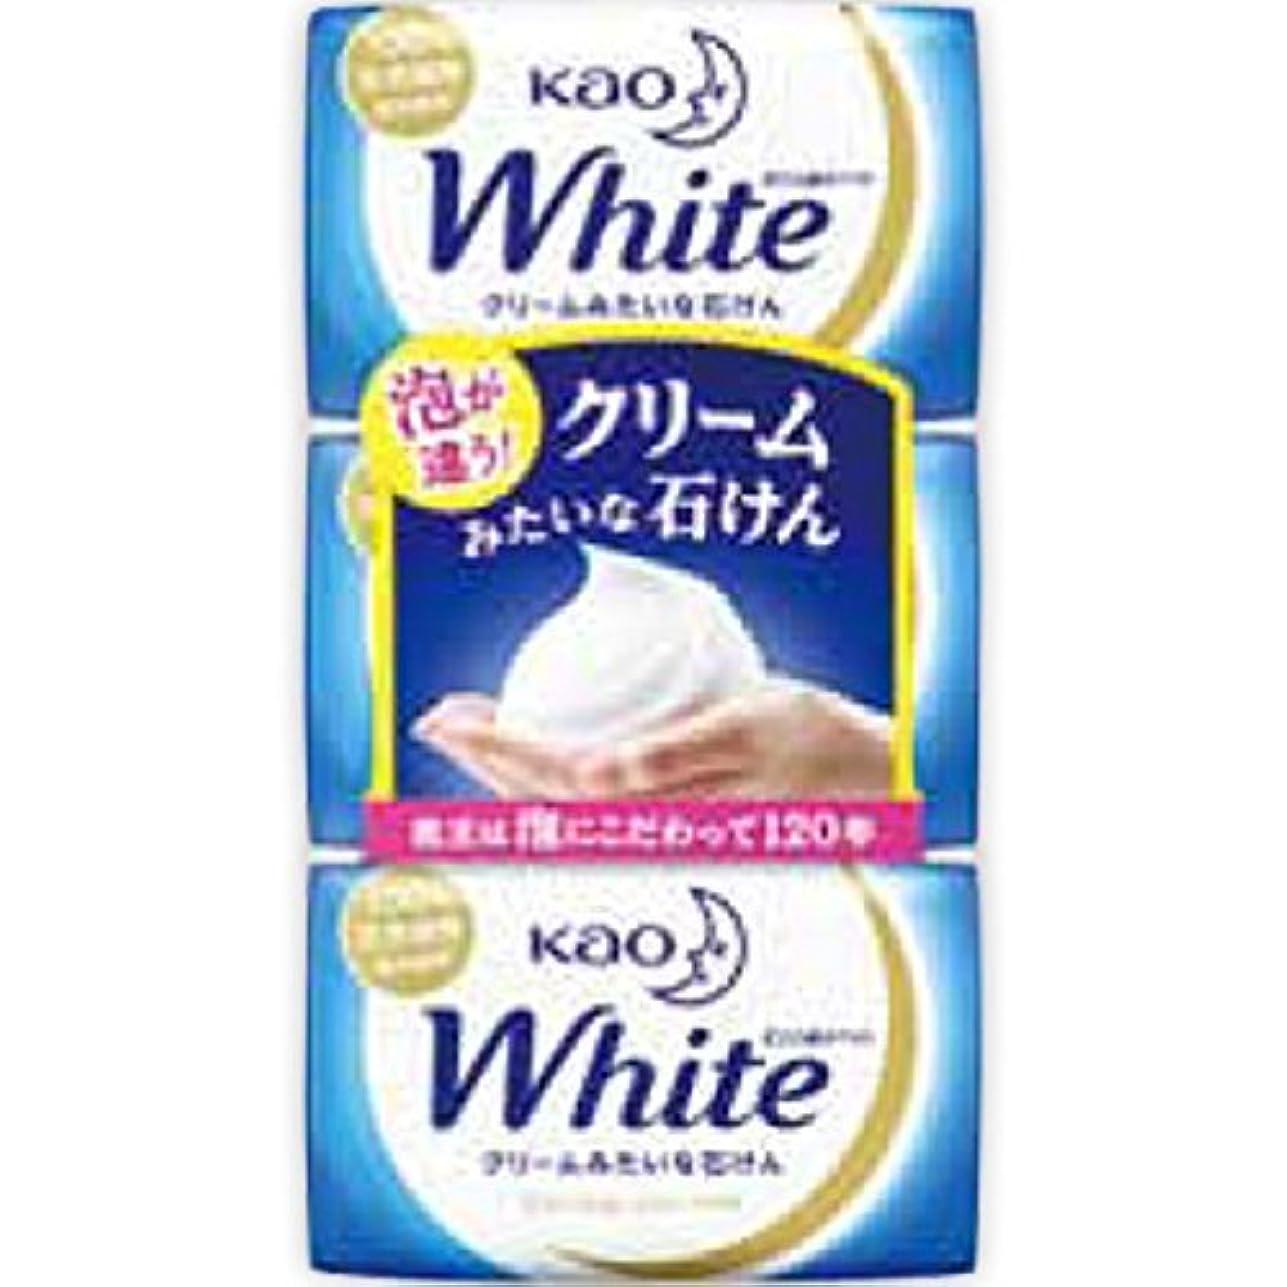 軍艦法王襲撃花王ホワイト レギュラーサイズ 85g*3個入